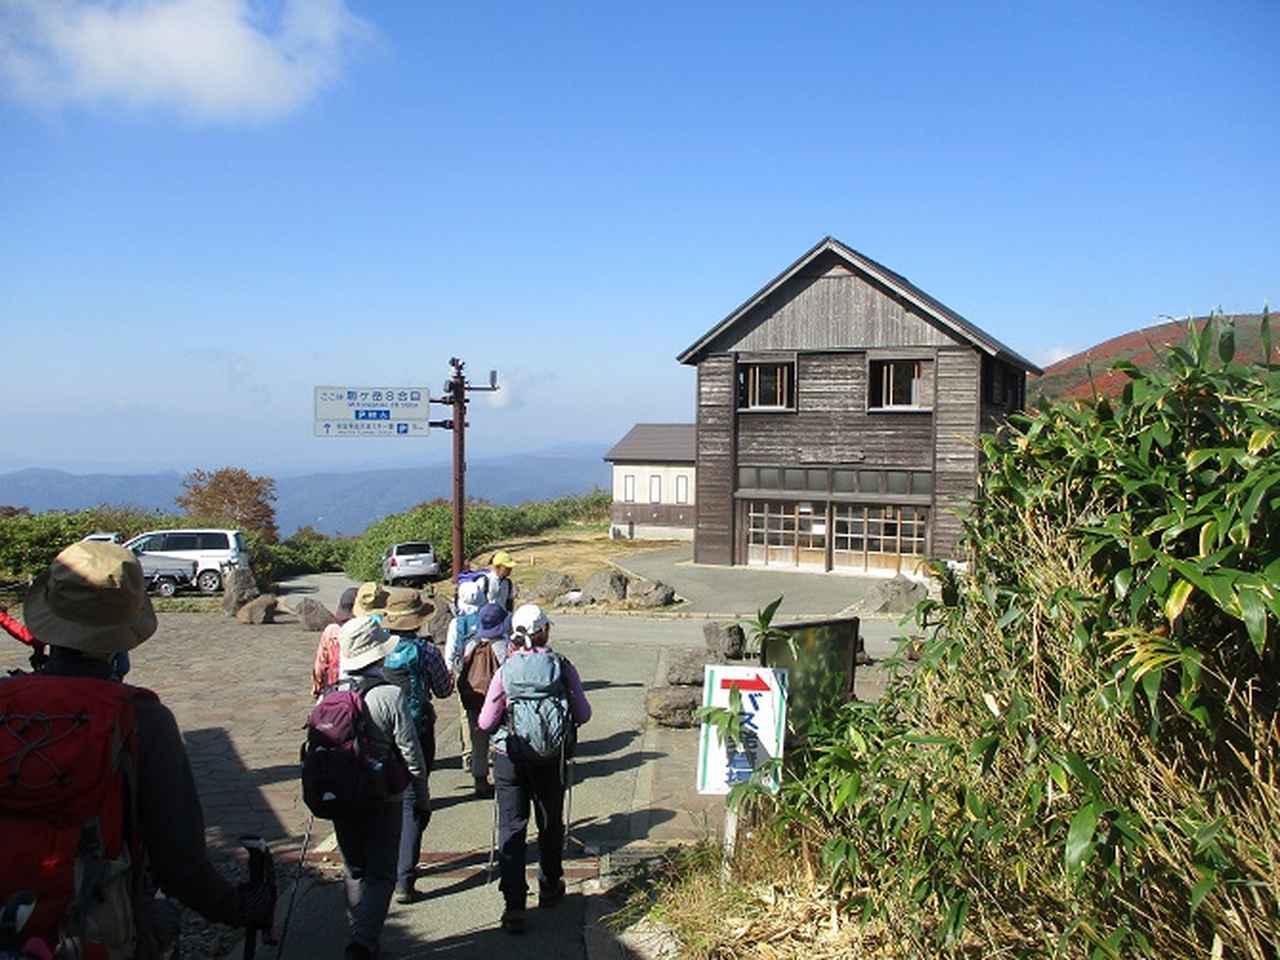 画像12: 9月30日から山旅会 「八幡平・秋田駒ヶ岳」 ツアーに行ってきました!